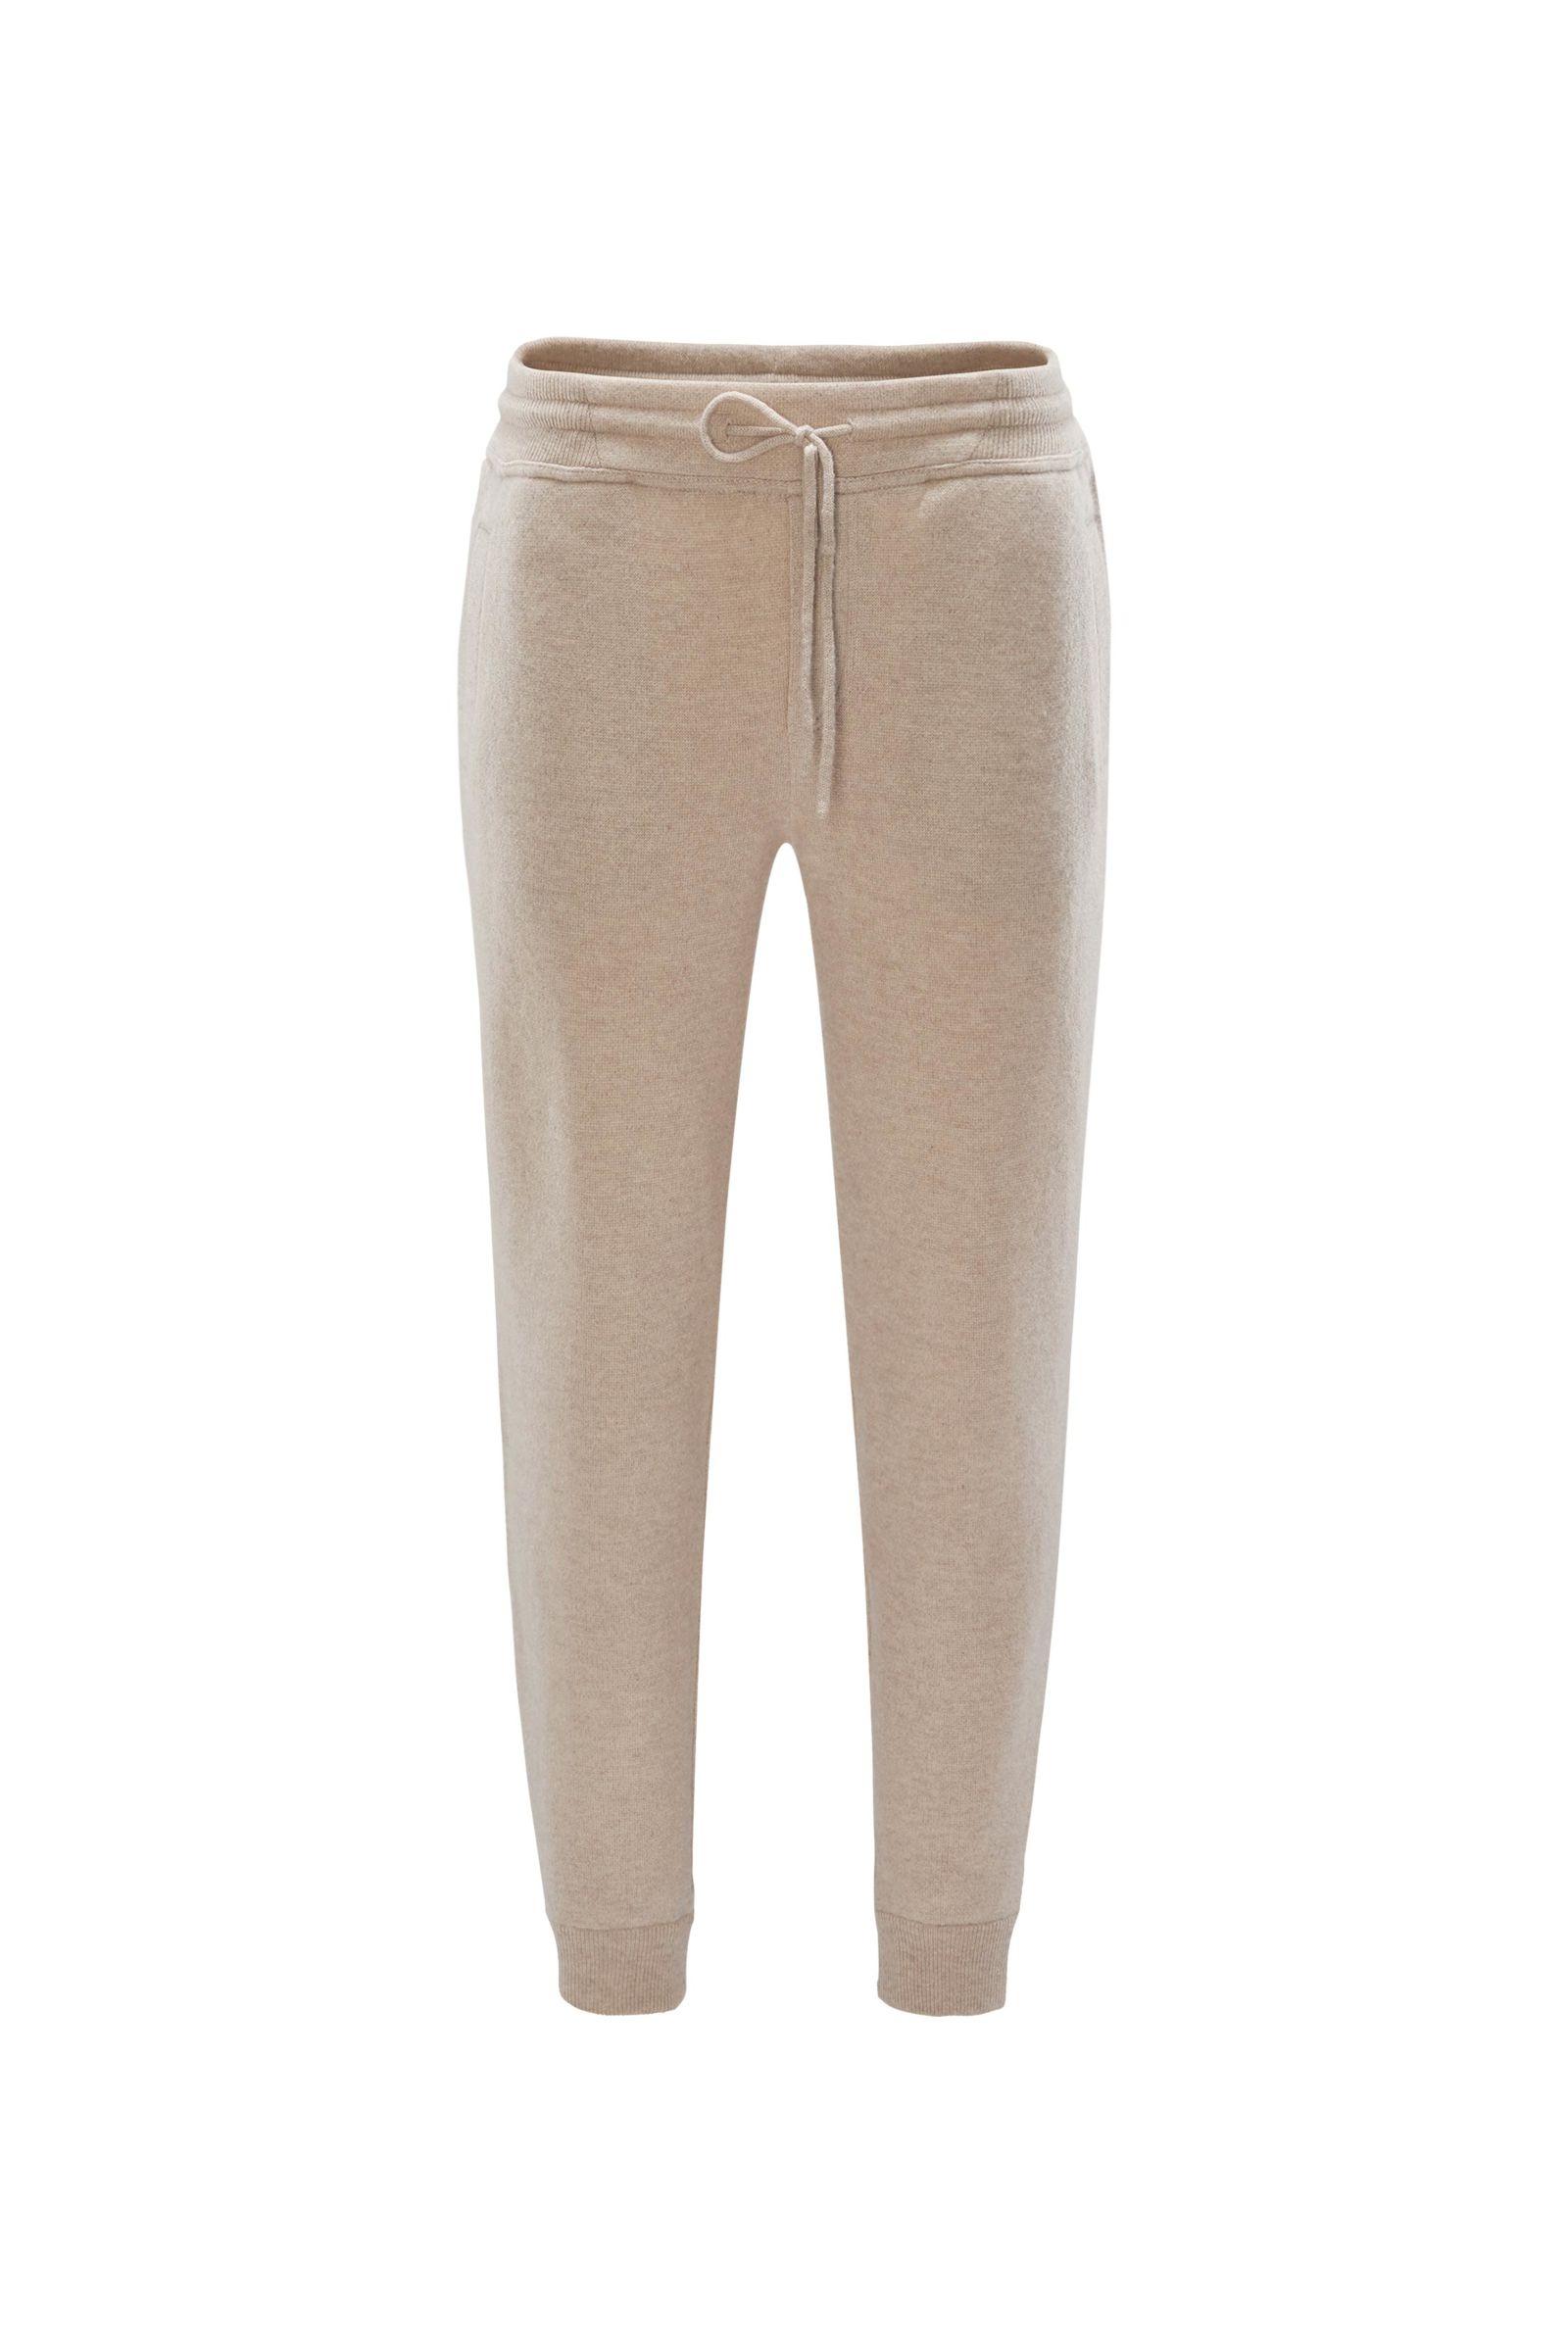 Cashmere jogger pants beige